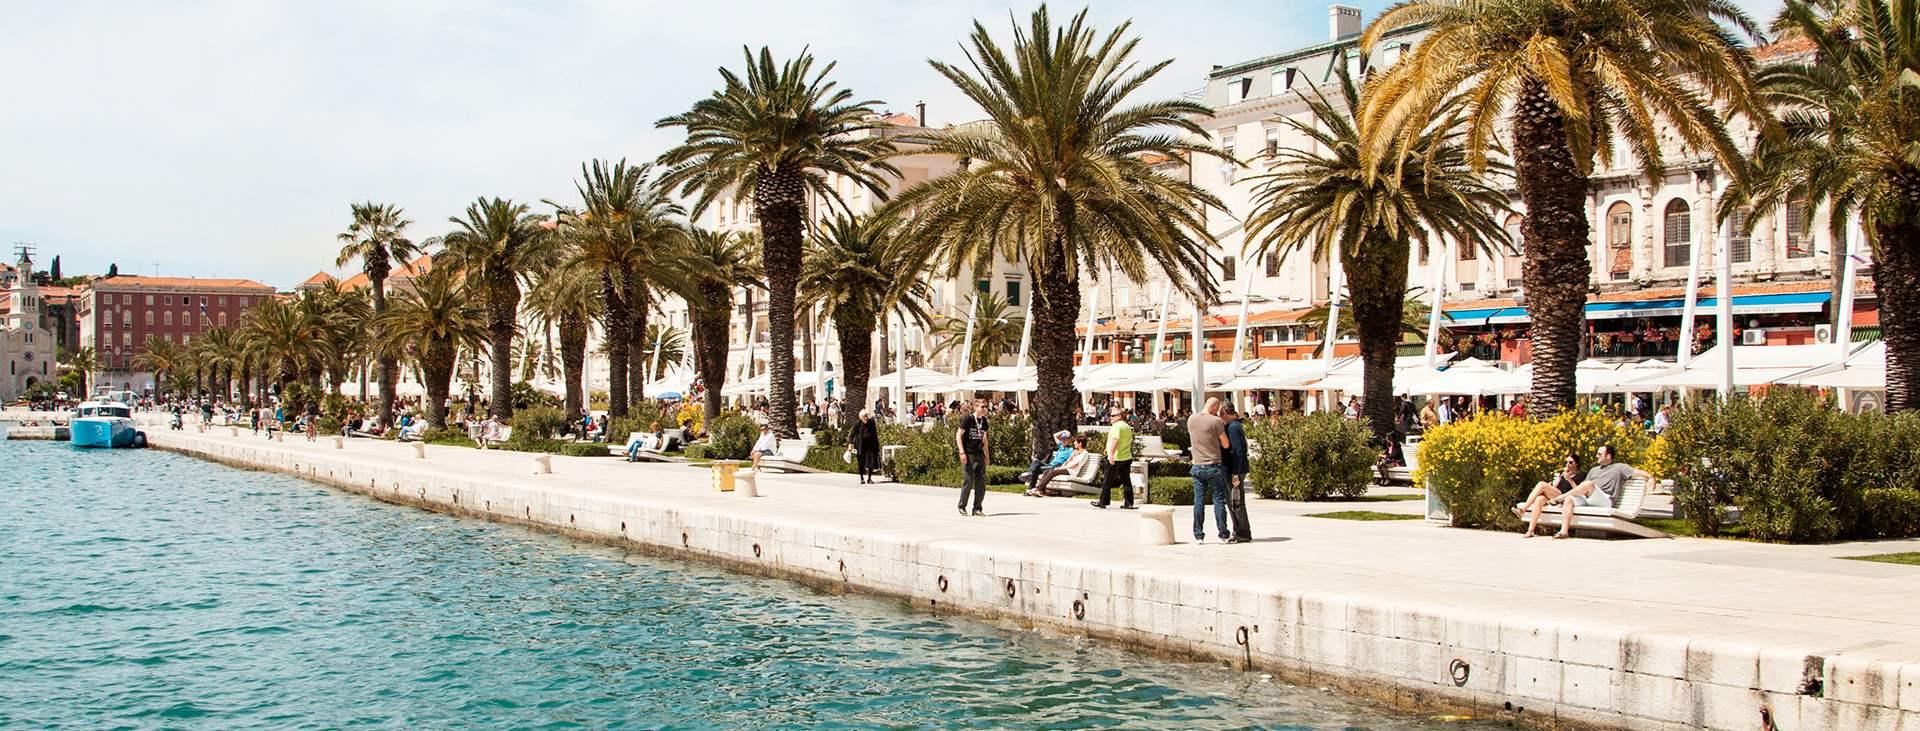 Boka din resa till Split i Kroatien med Ving